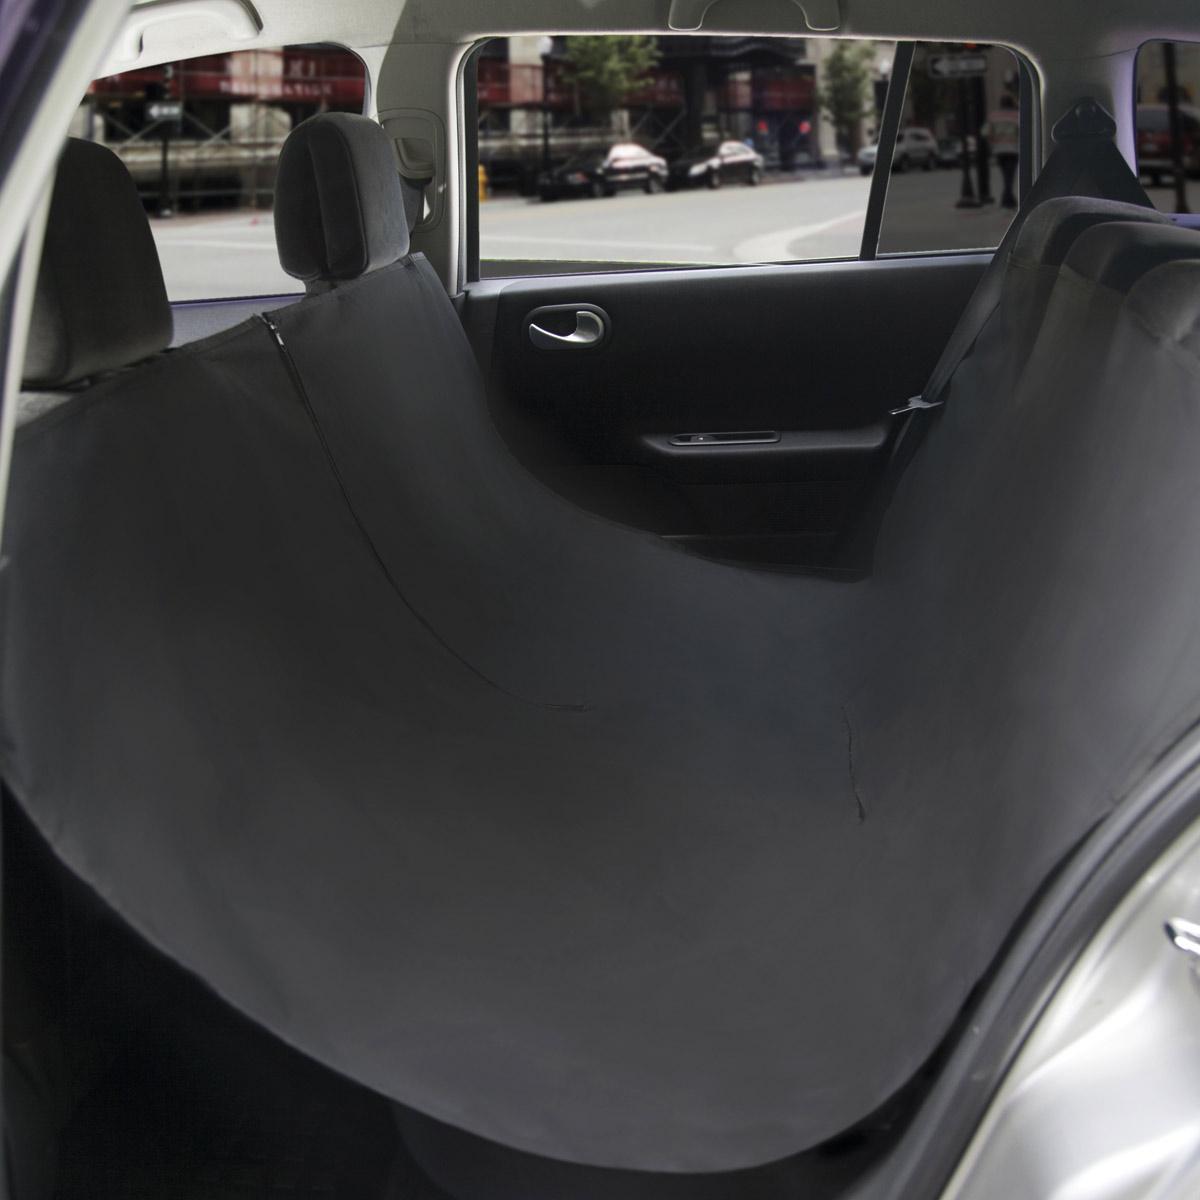 Capa protetora para banco de carro proteção de assento para animais Multilaser - Au307